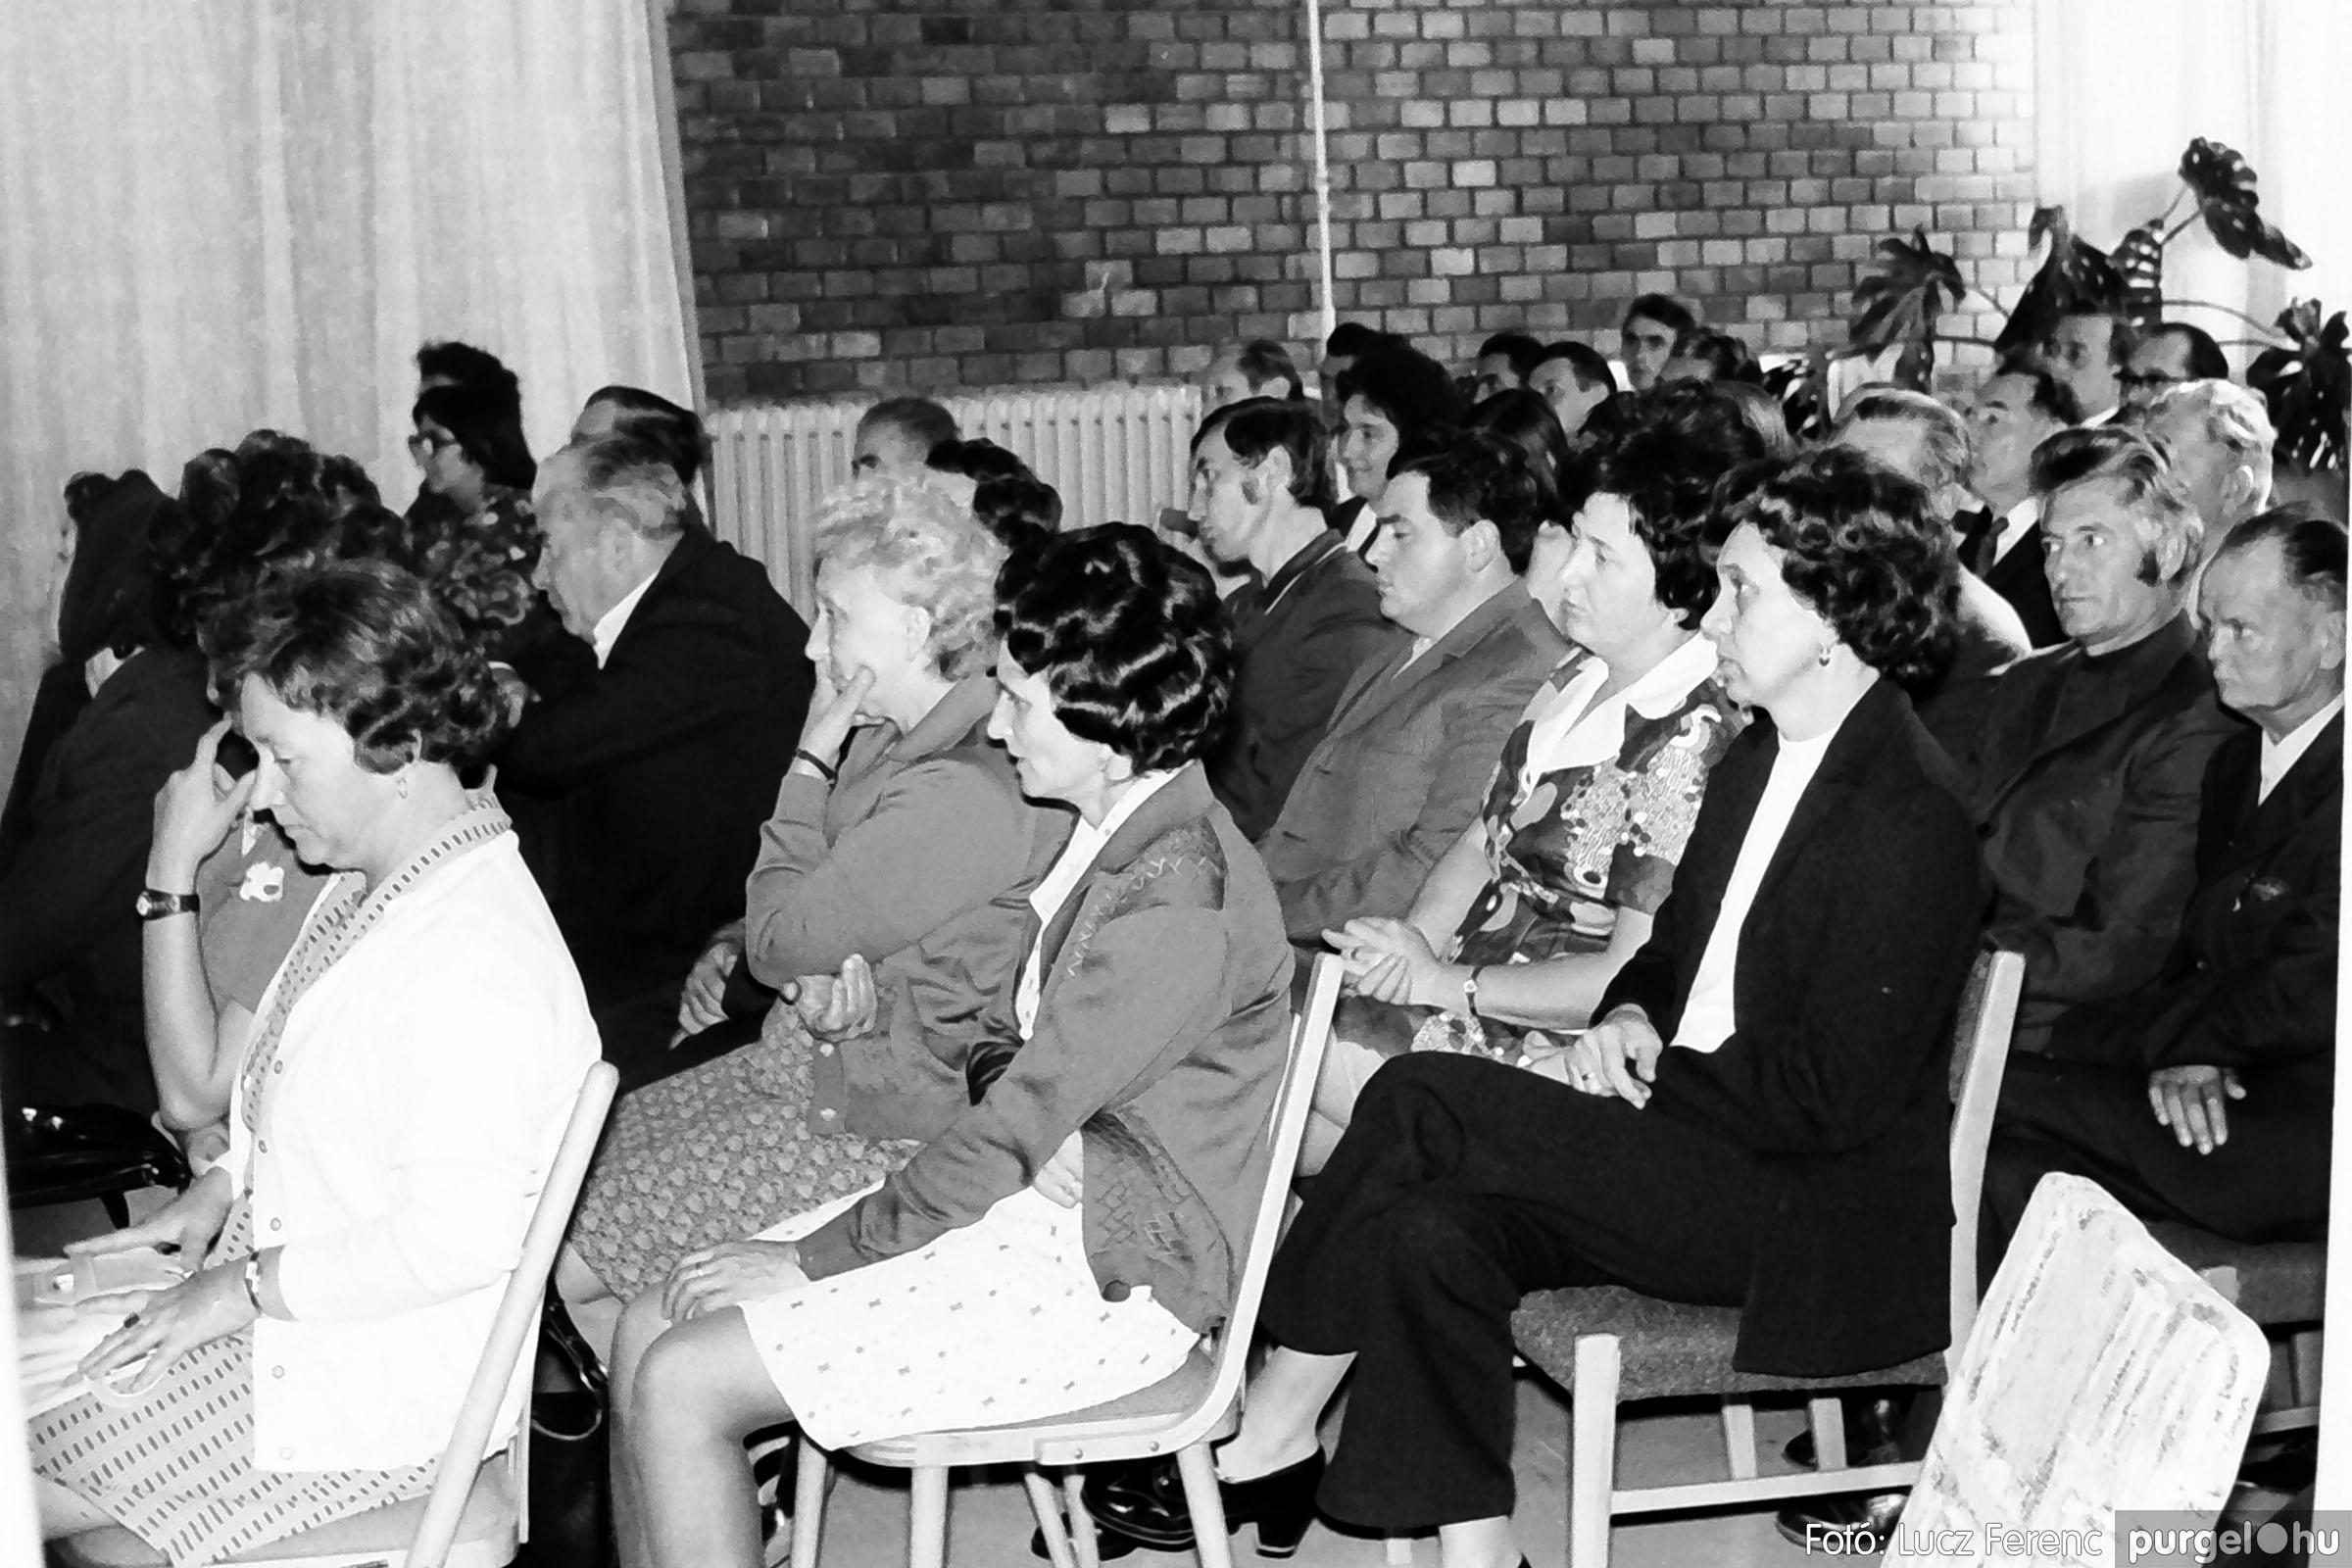 022 1975. Ünnepi ülés a tanácsházán 008 - Fotó: Lucz Ferenc .jpg